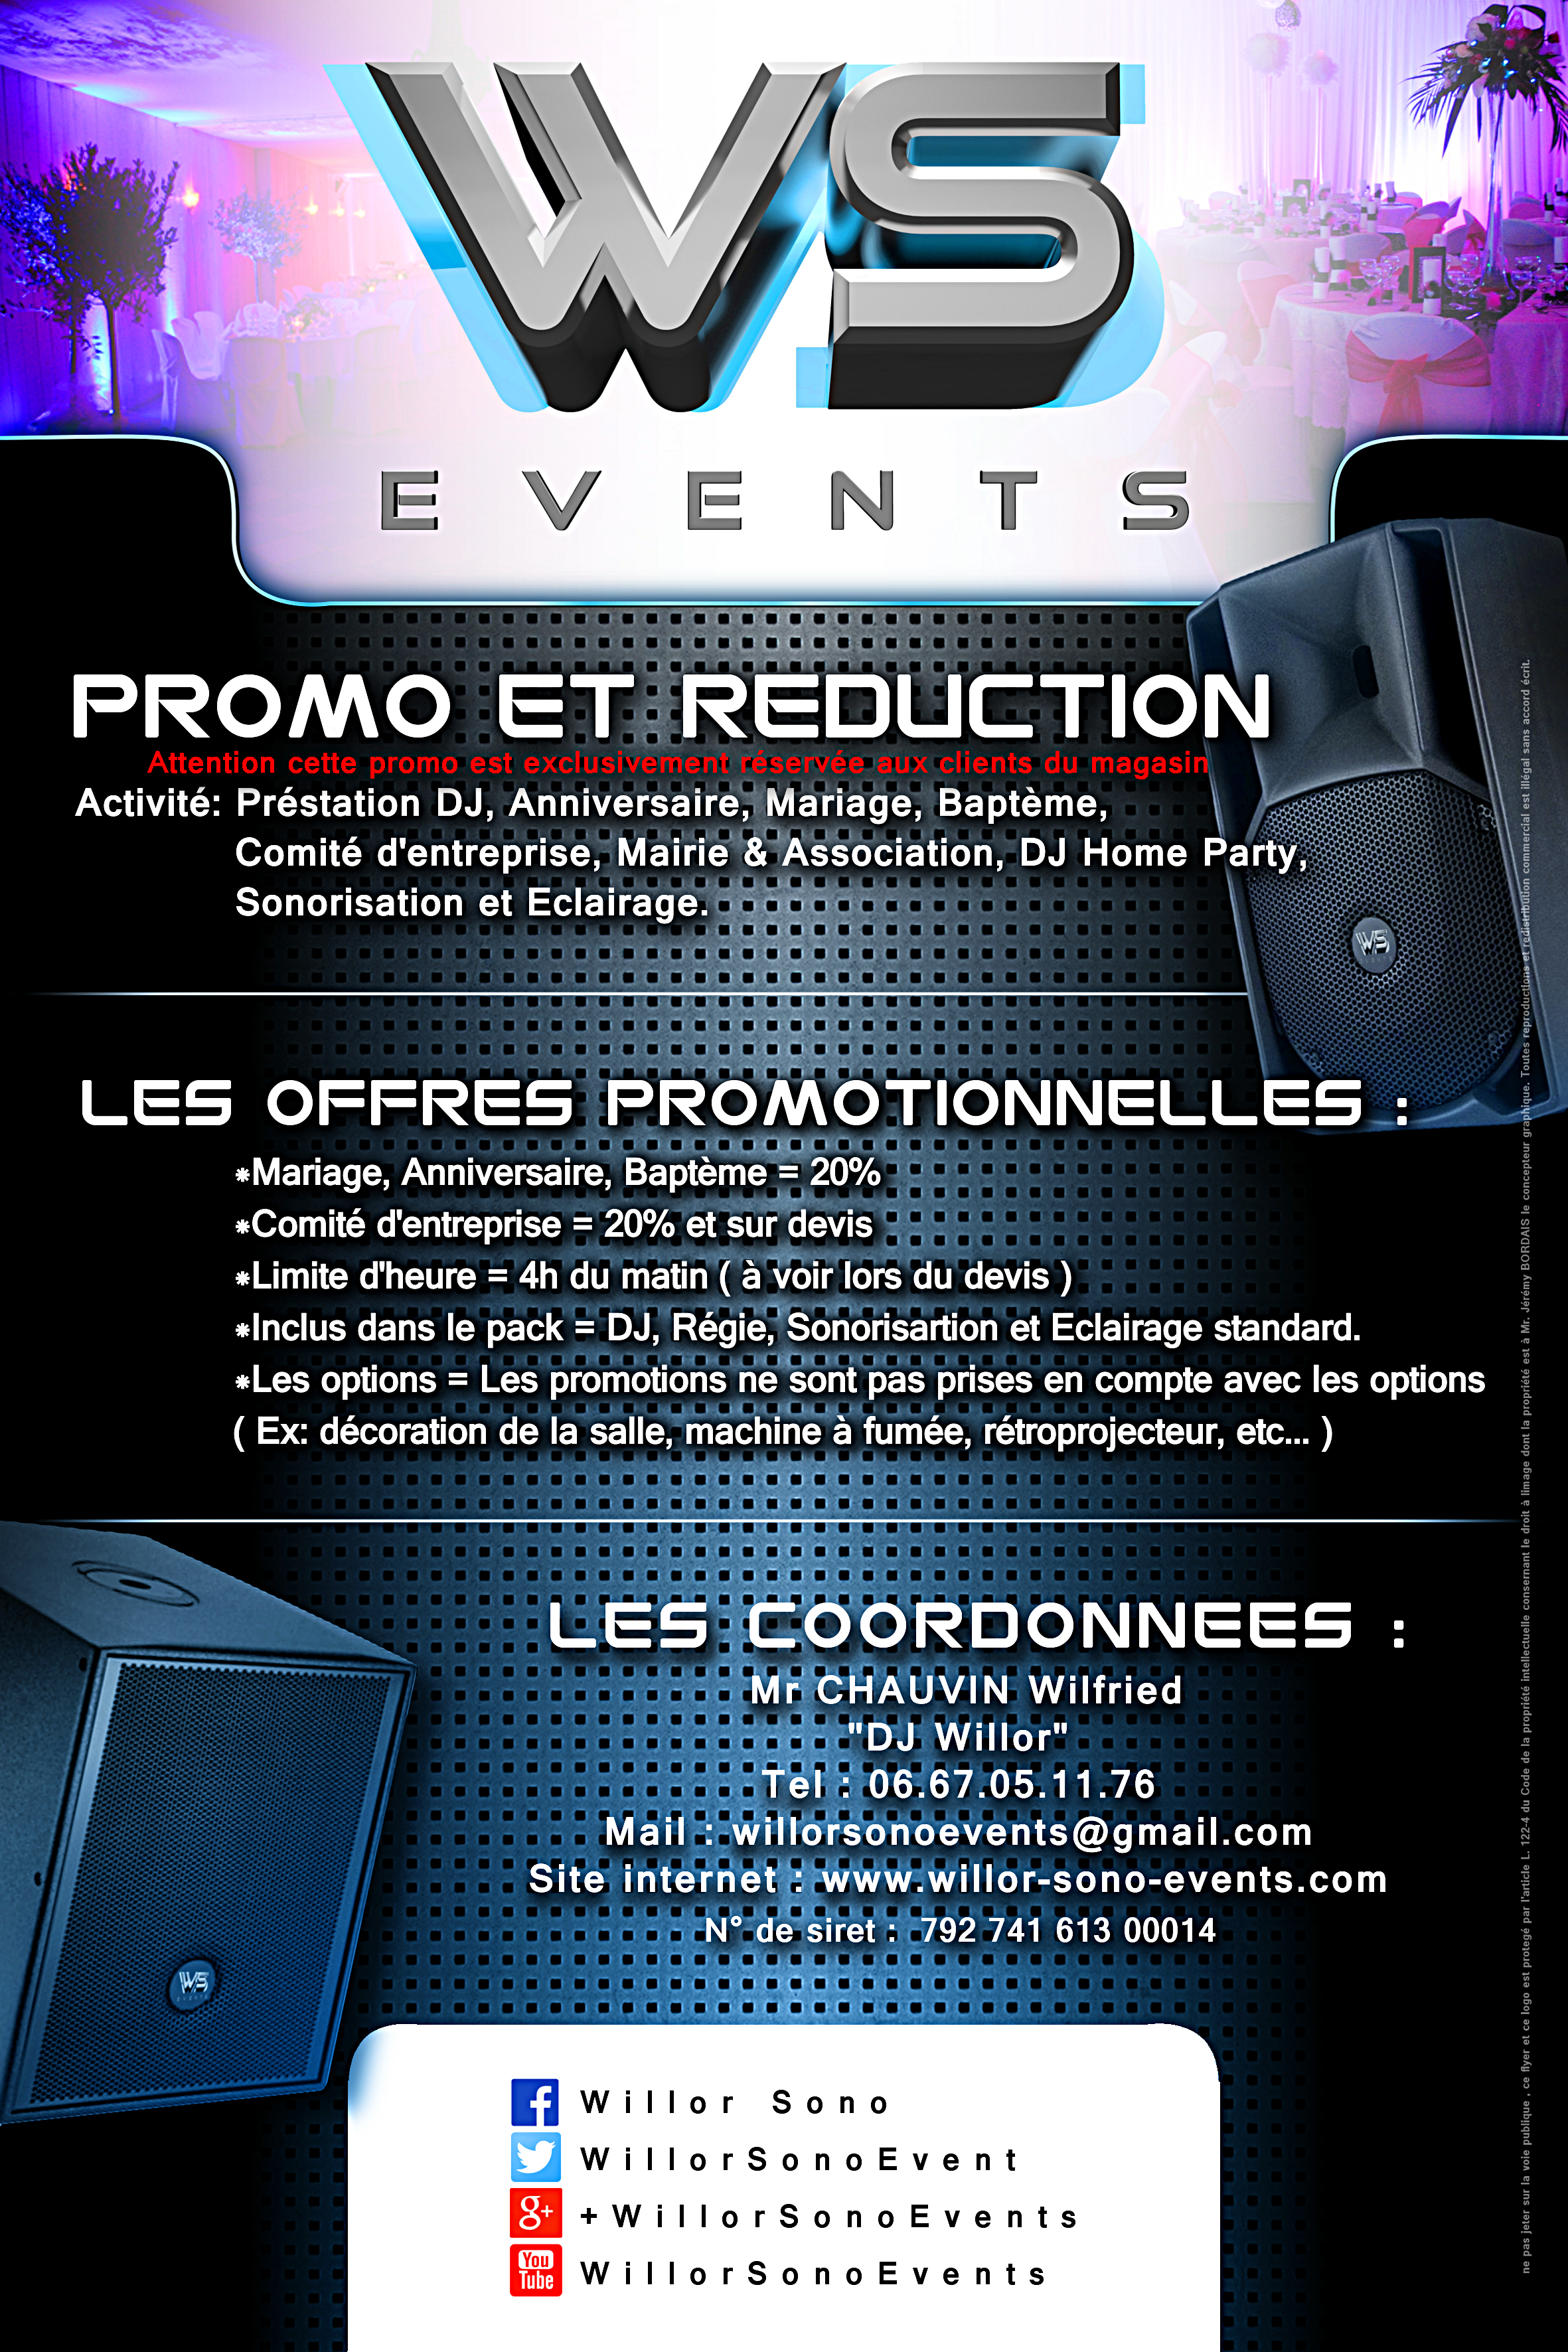 WS Events promo et reduc 2015 2